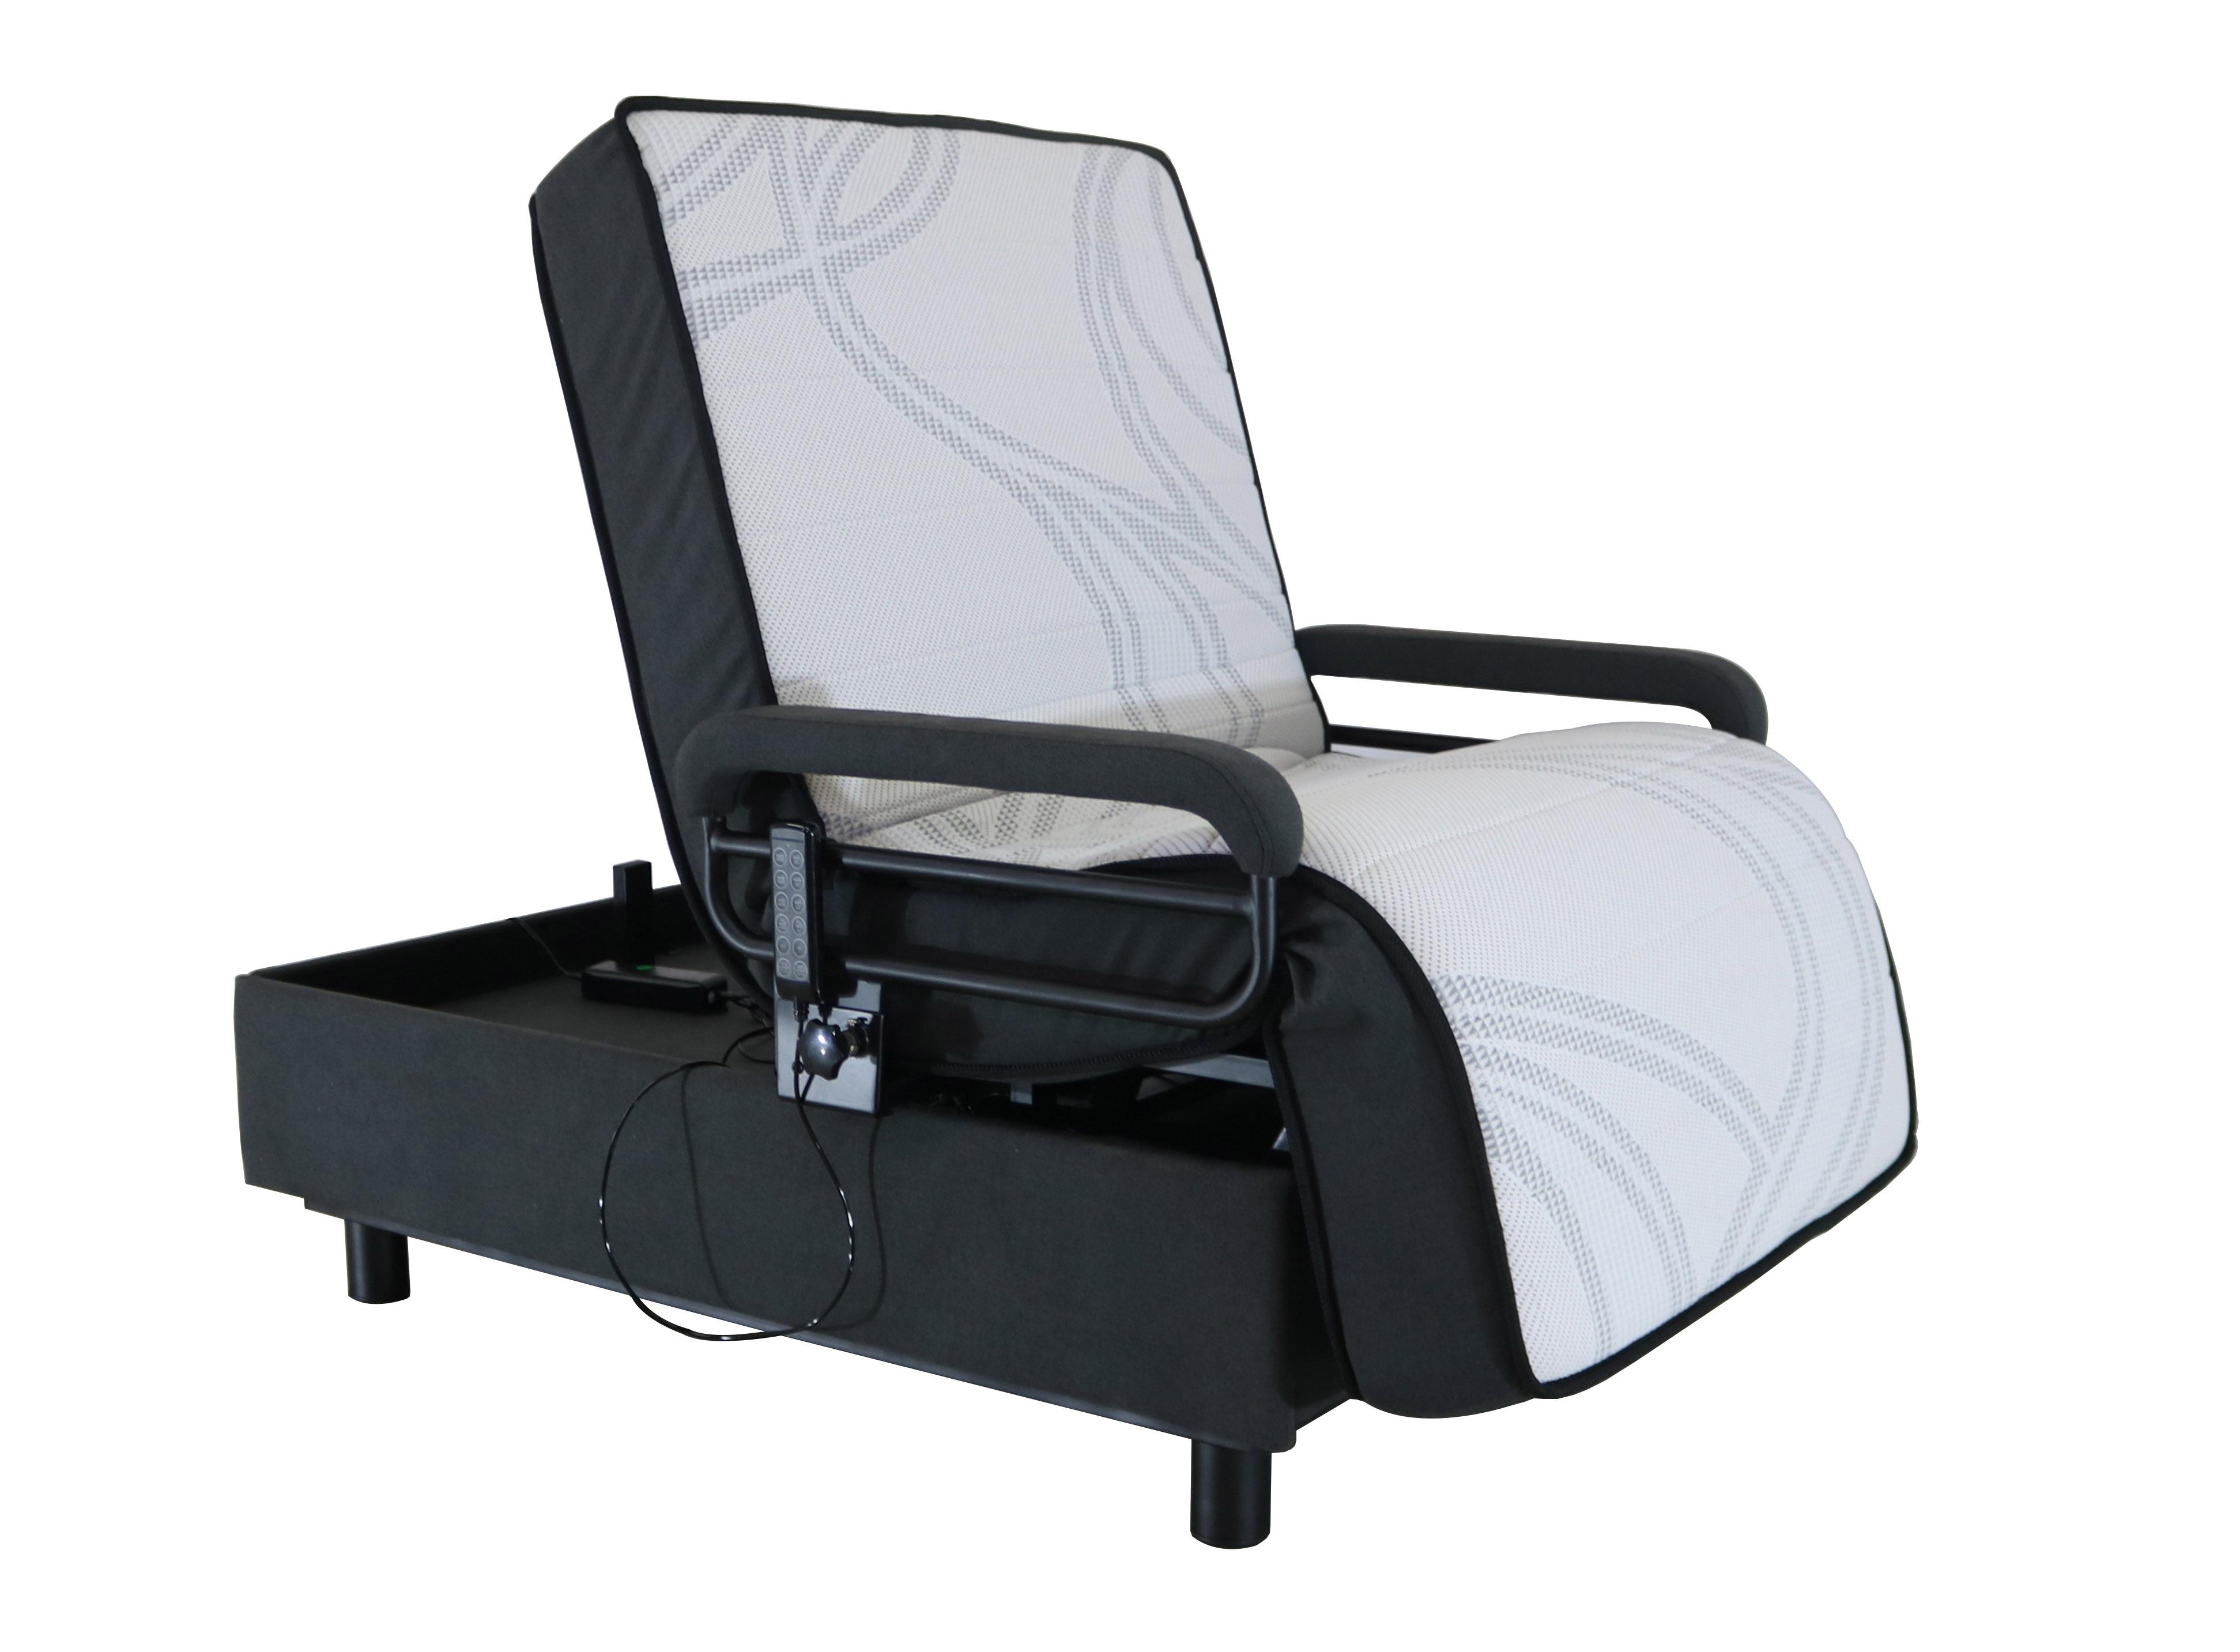 Healthcare FLS021 EZ OUT Adjustable Beds, Electric Bed Frame